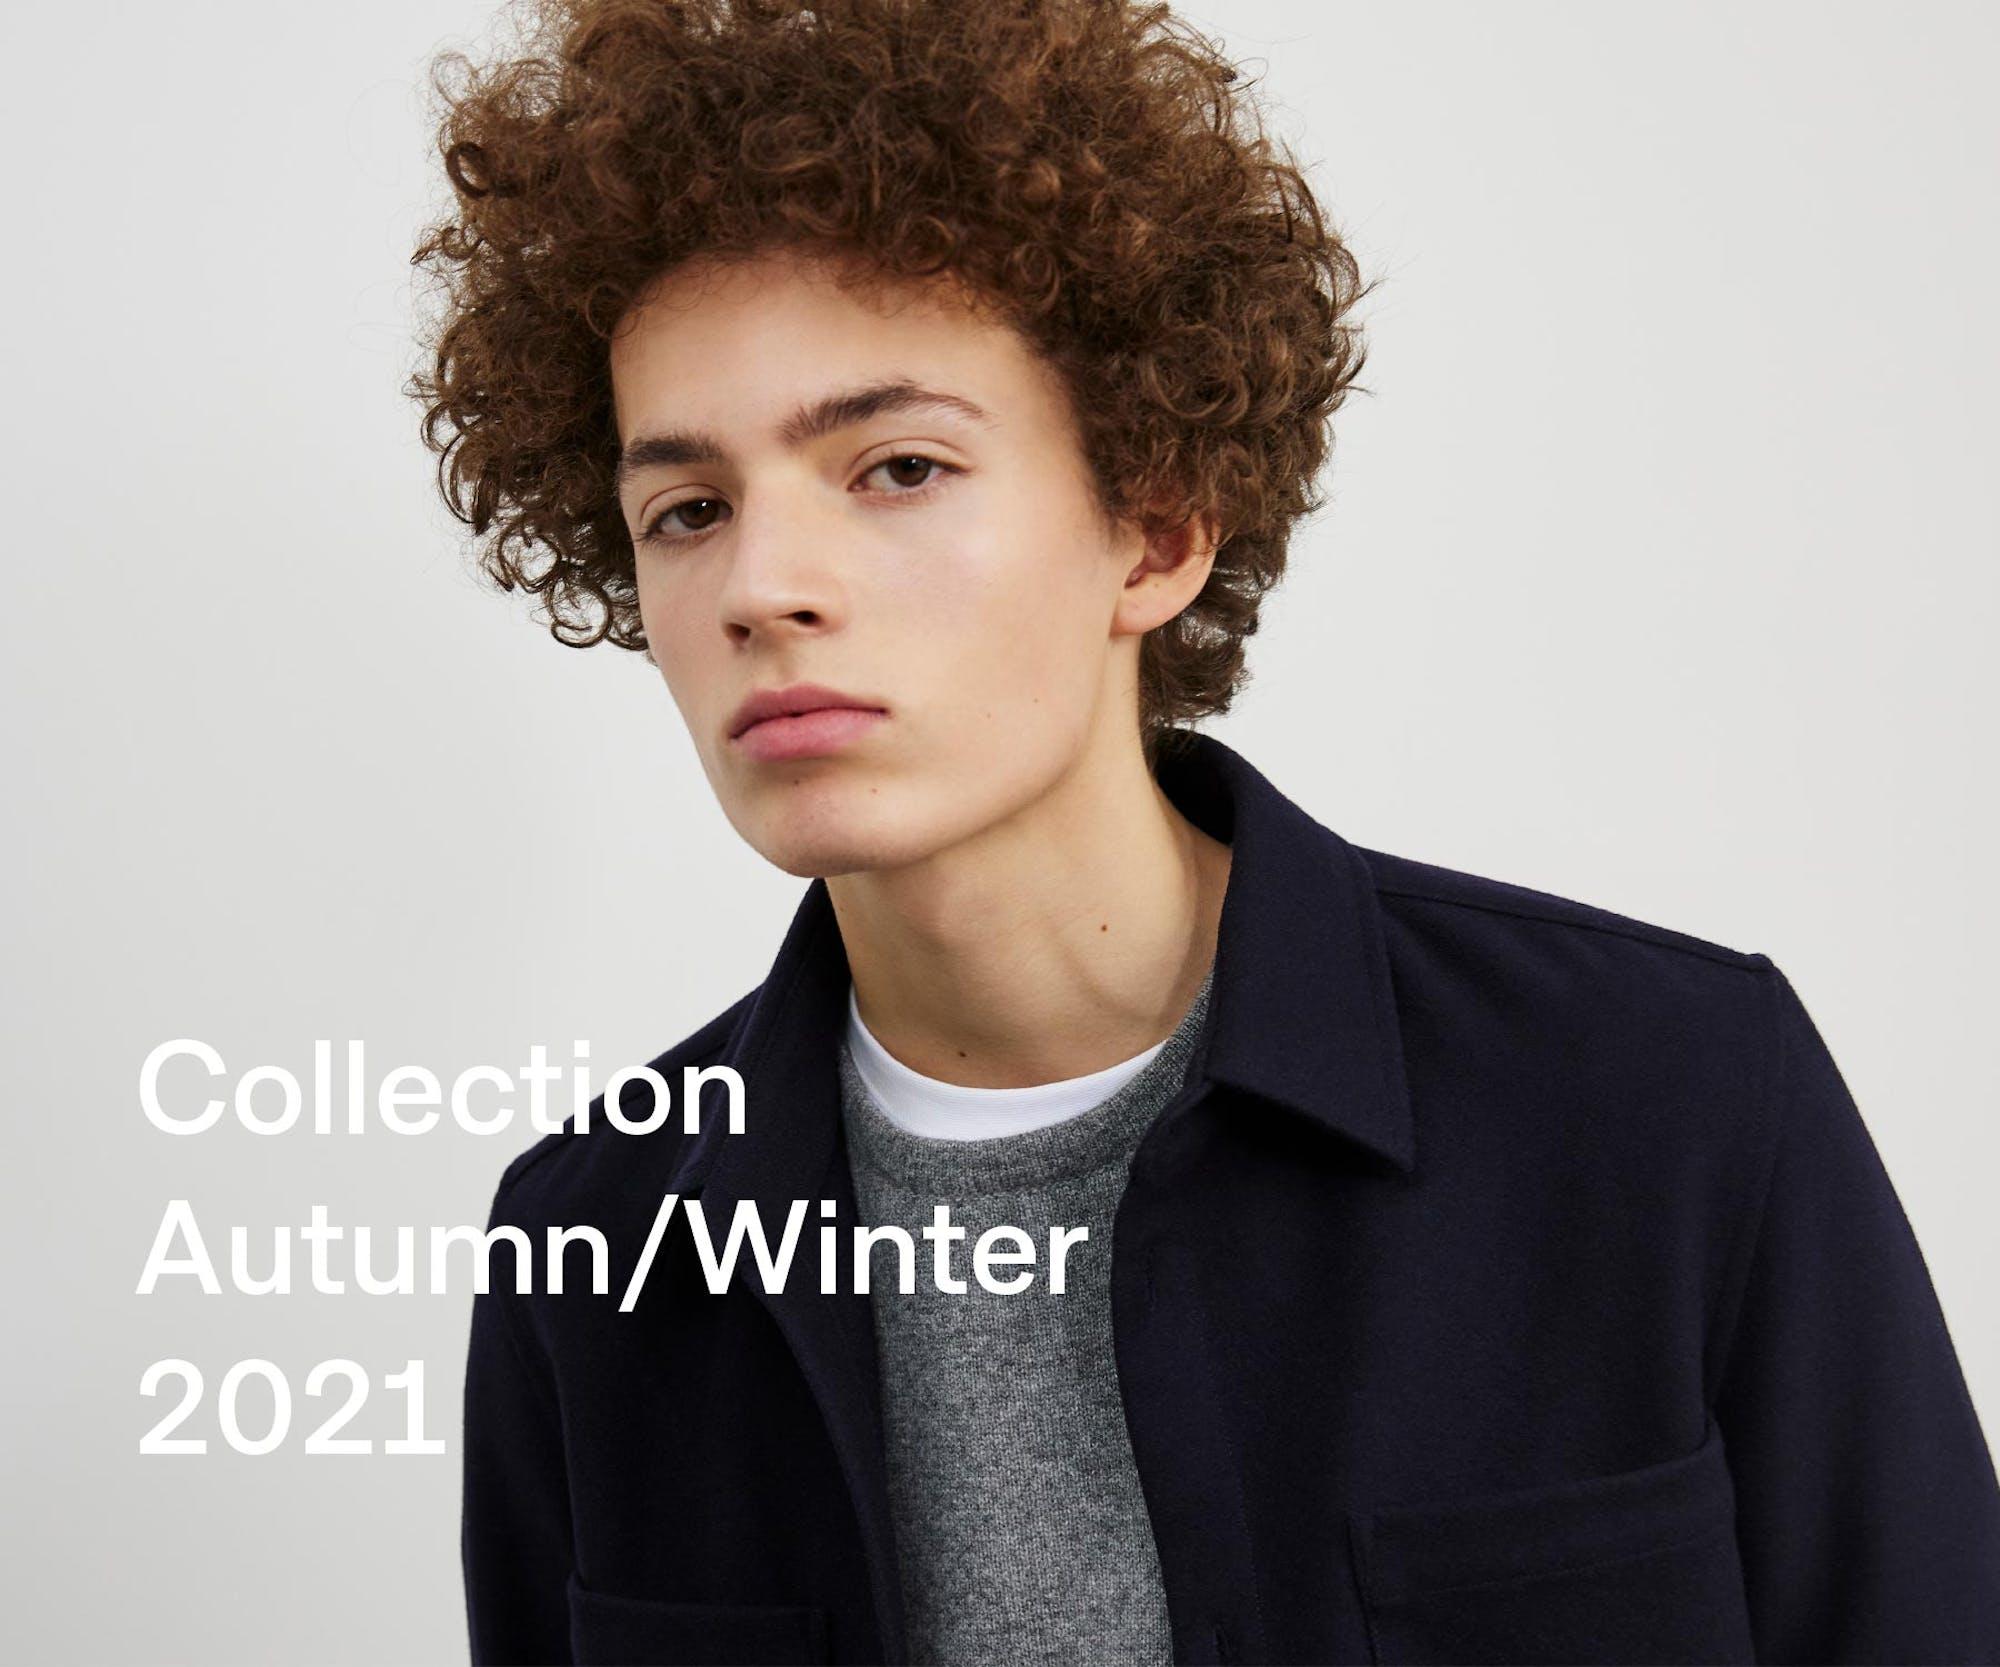 Collection Autumn/Winter 2021 | Studio Seidensticker